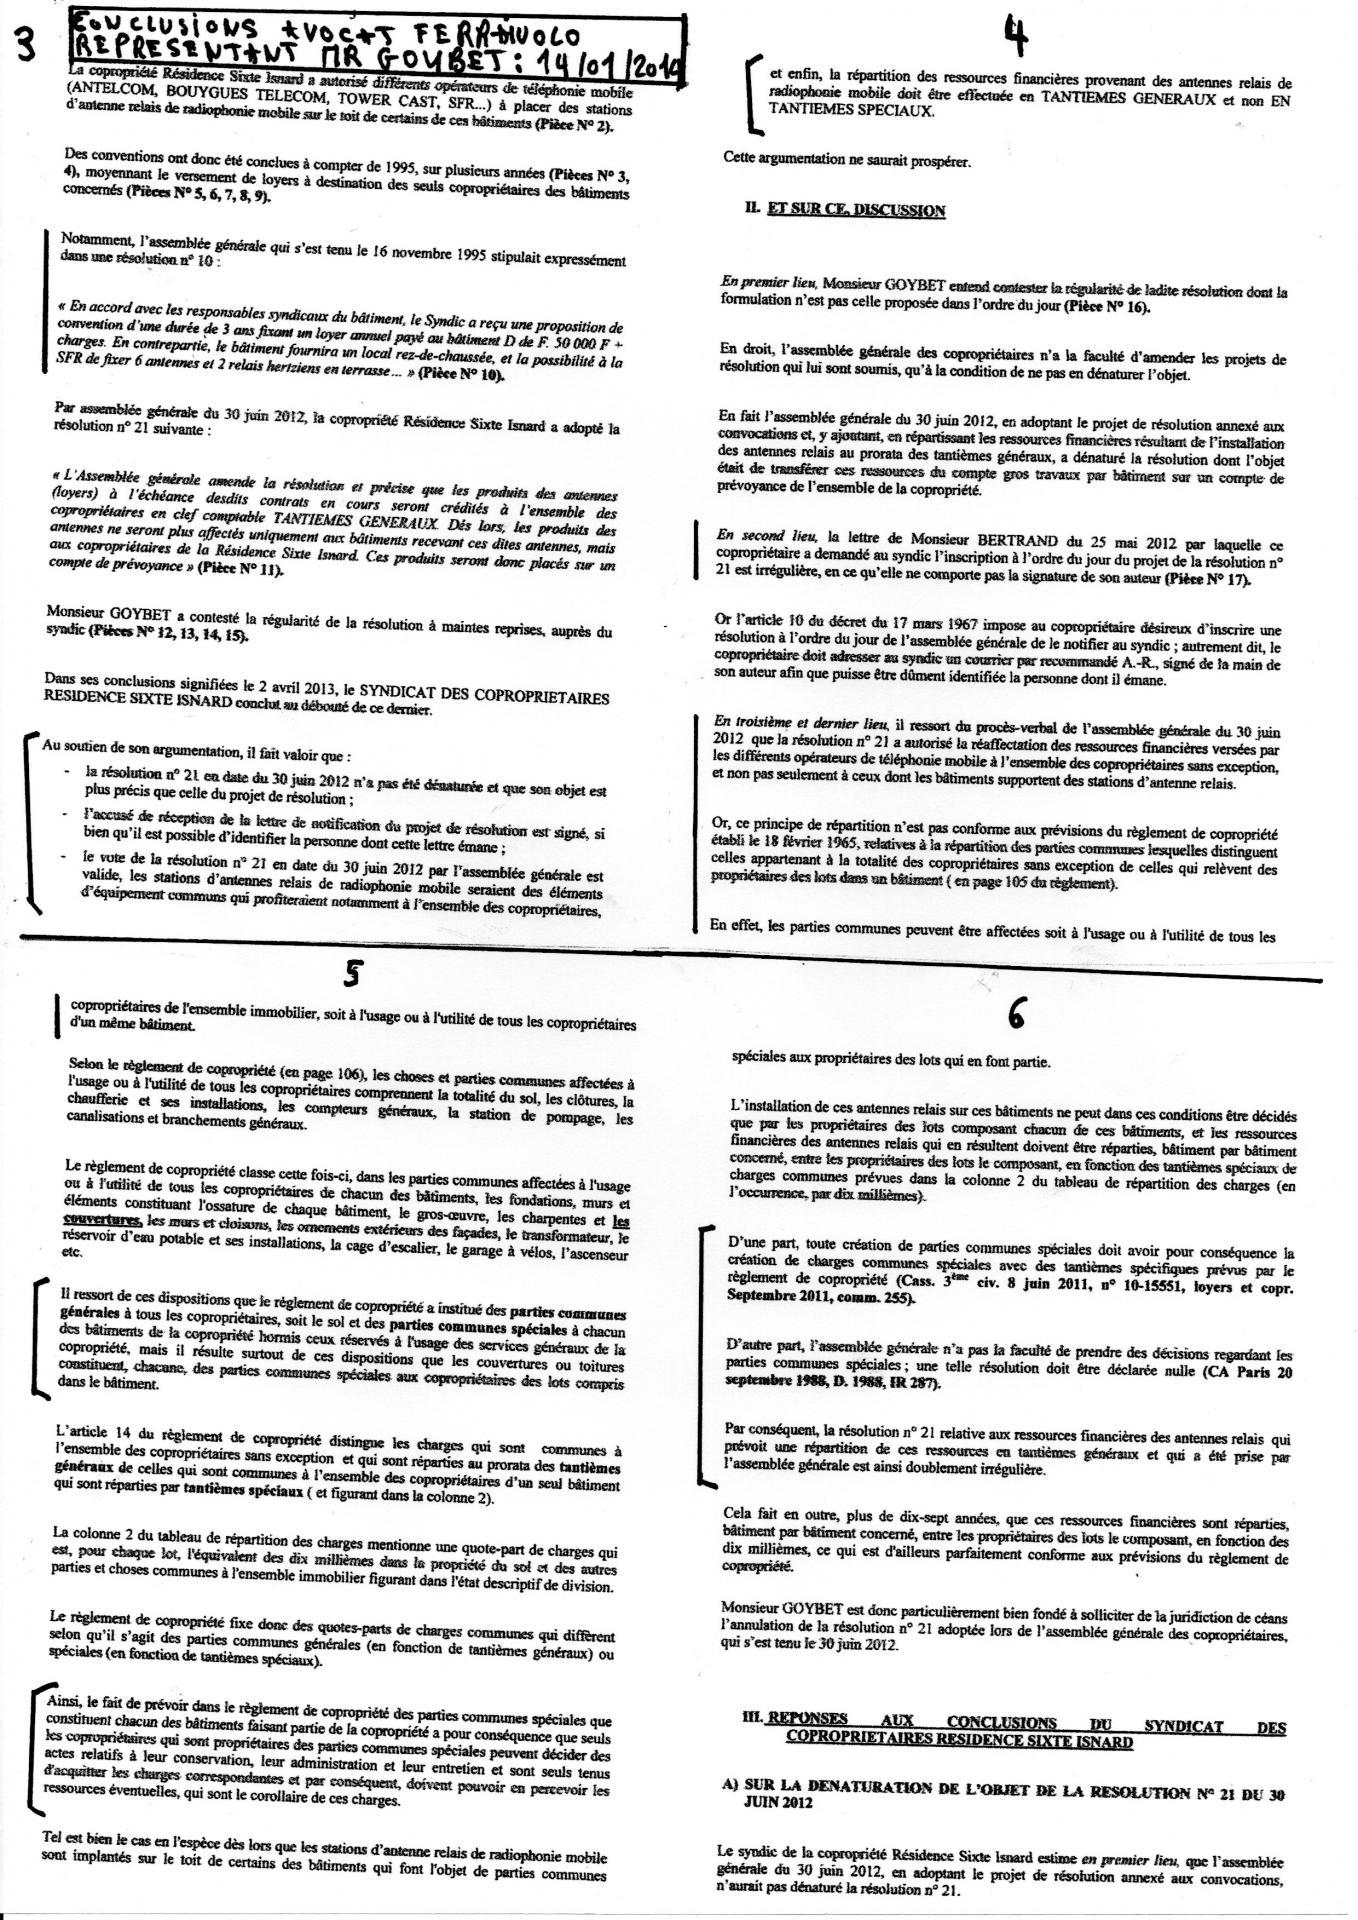 Conclusions maitre ferraiuolo pour mr goybet du 14 01 2014 1 20171104 10043038